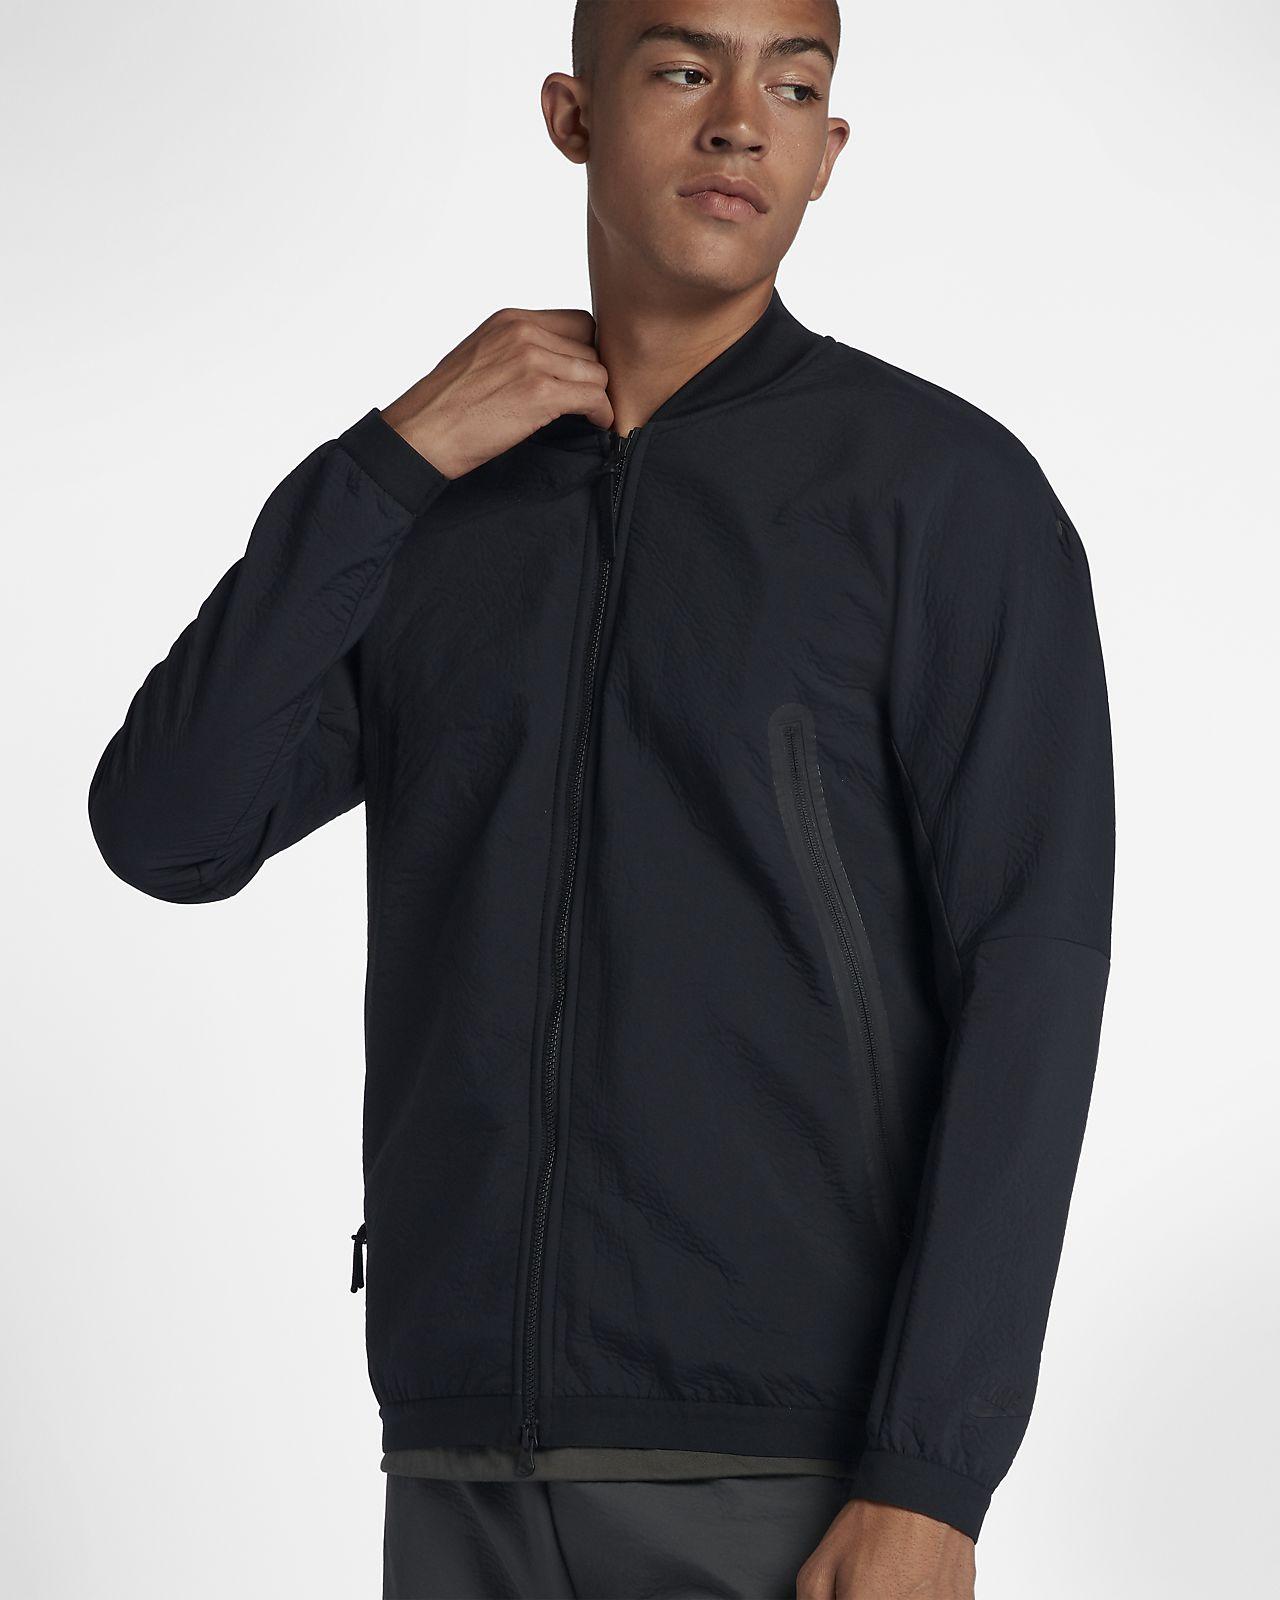 Träningsjacka i vävt material Nike Sportswear Tech Pack